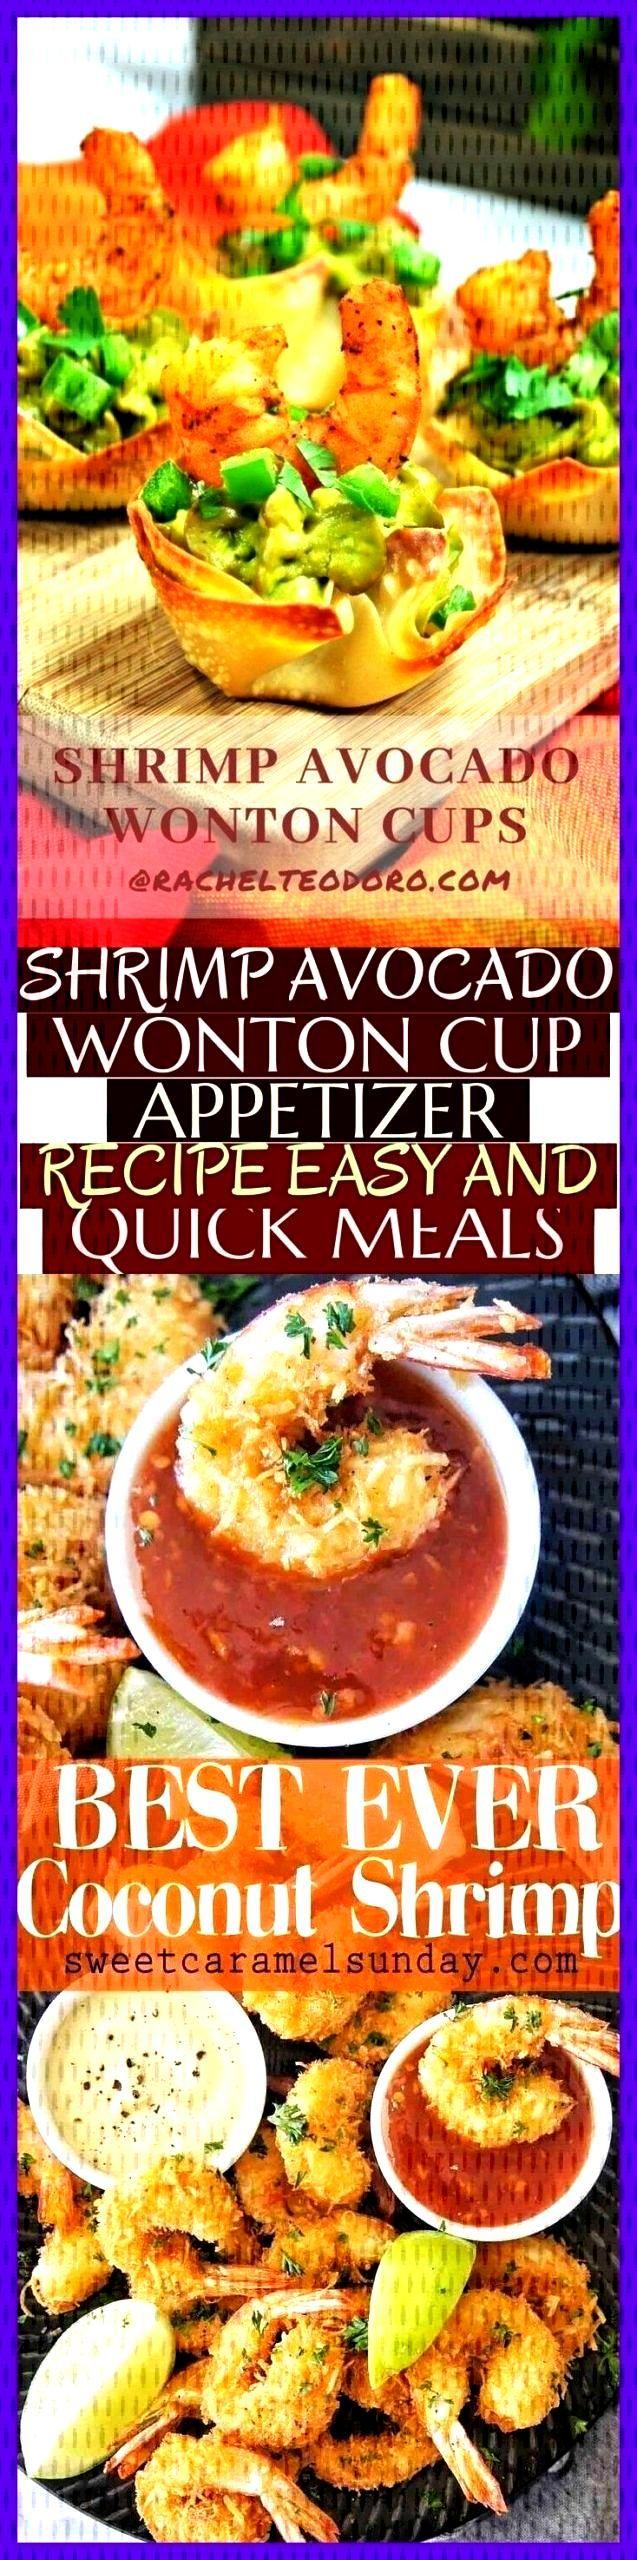 Shrimp Avocado Wonton Cup Appetizer Recipe Easy And Quick Meals - Shrimp Avocado Wonton Cup Appetiz